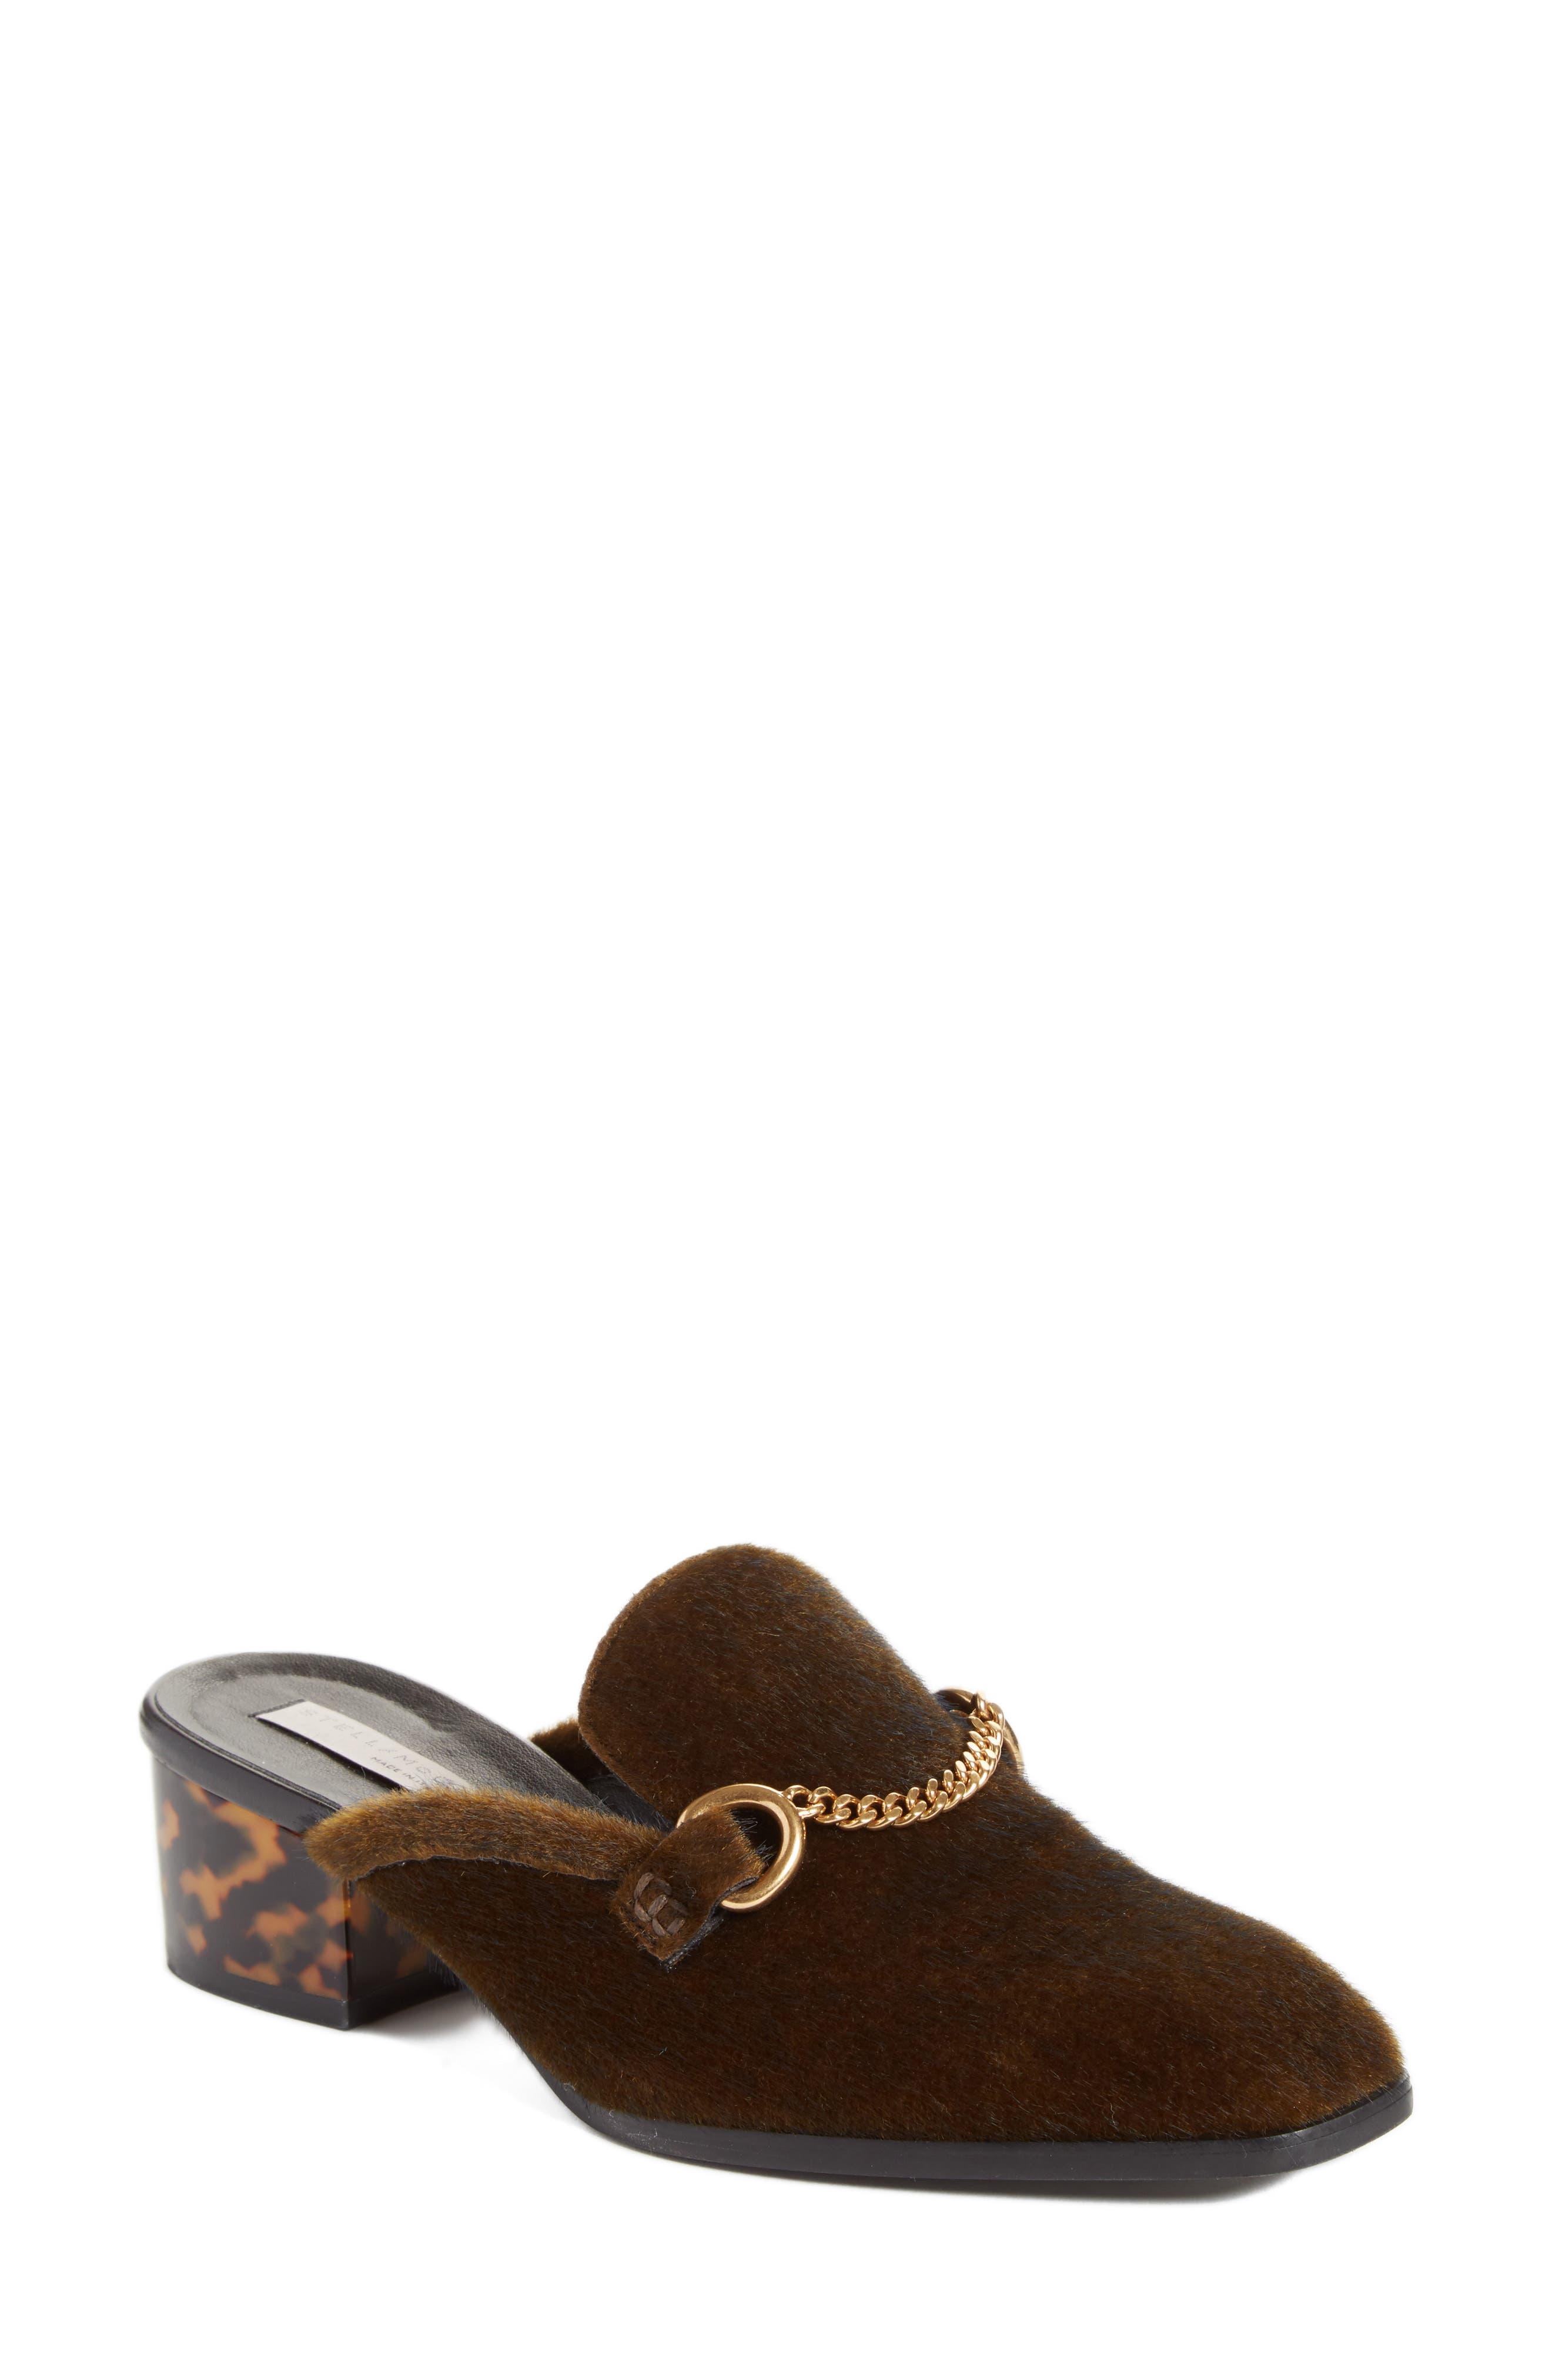 Stella McCartney Chain Loafer Mule (Women)